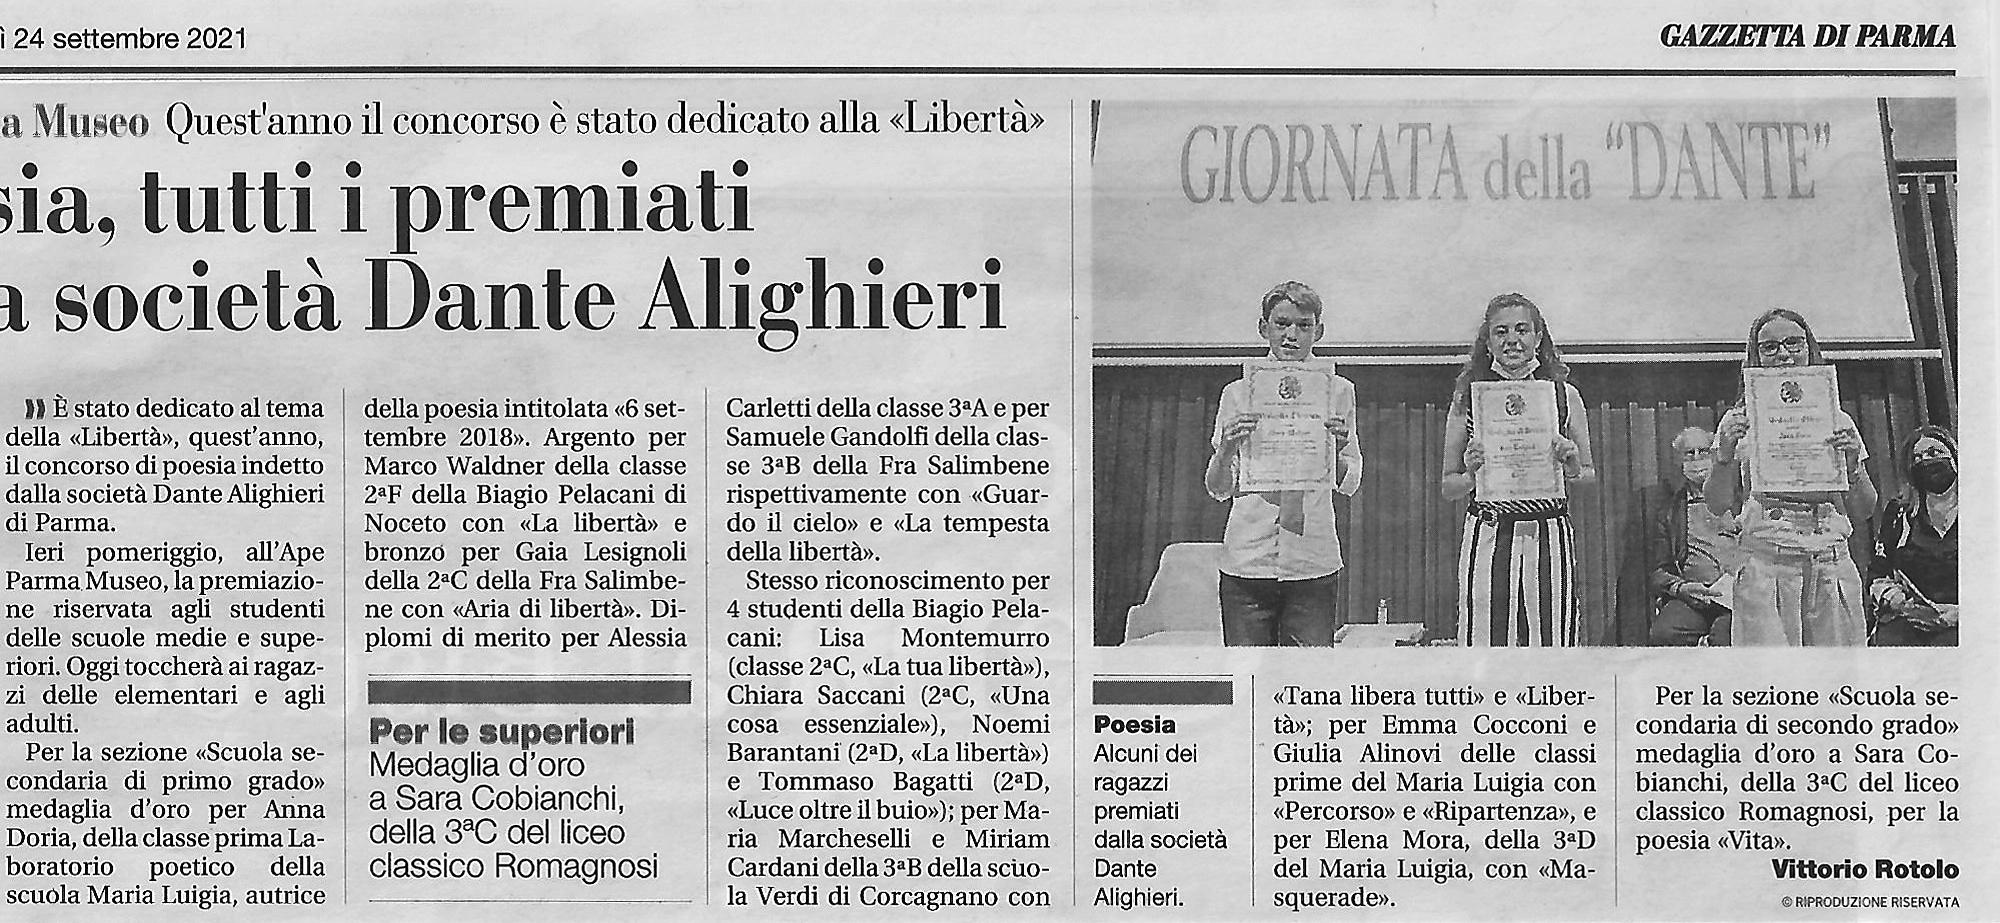 Premiazione del Concorso della Dante di Parma 2020-2021